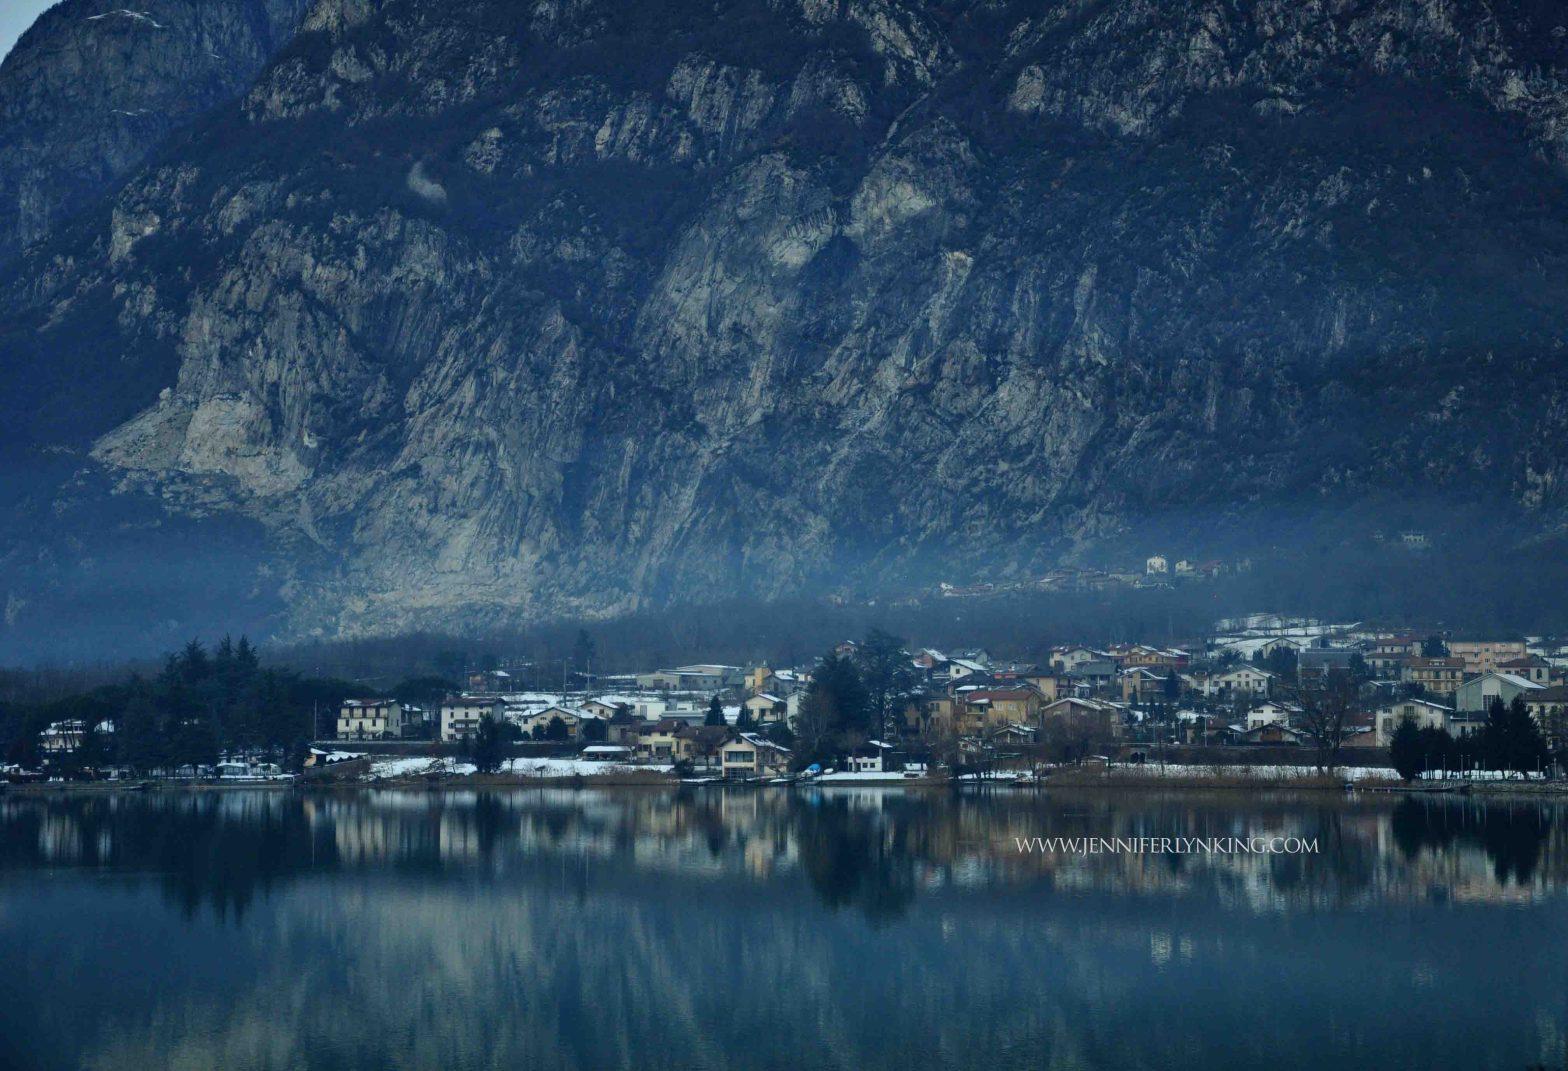 Northern Italy, reflections along Lake Como